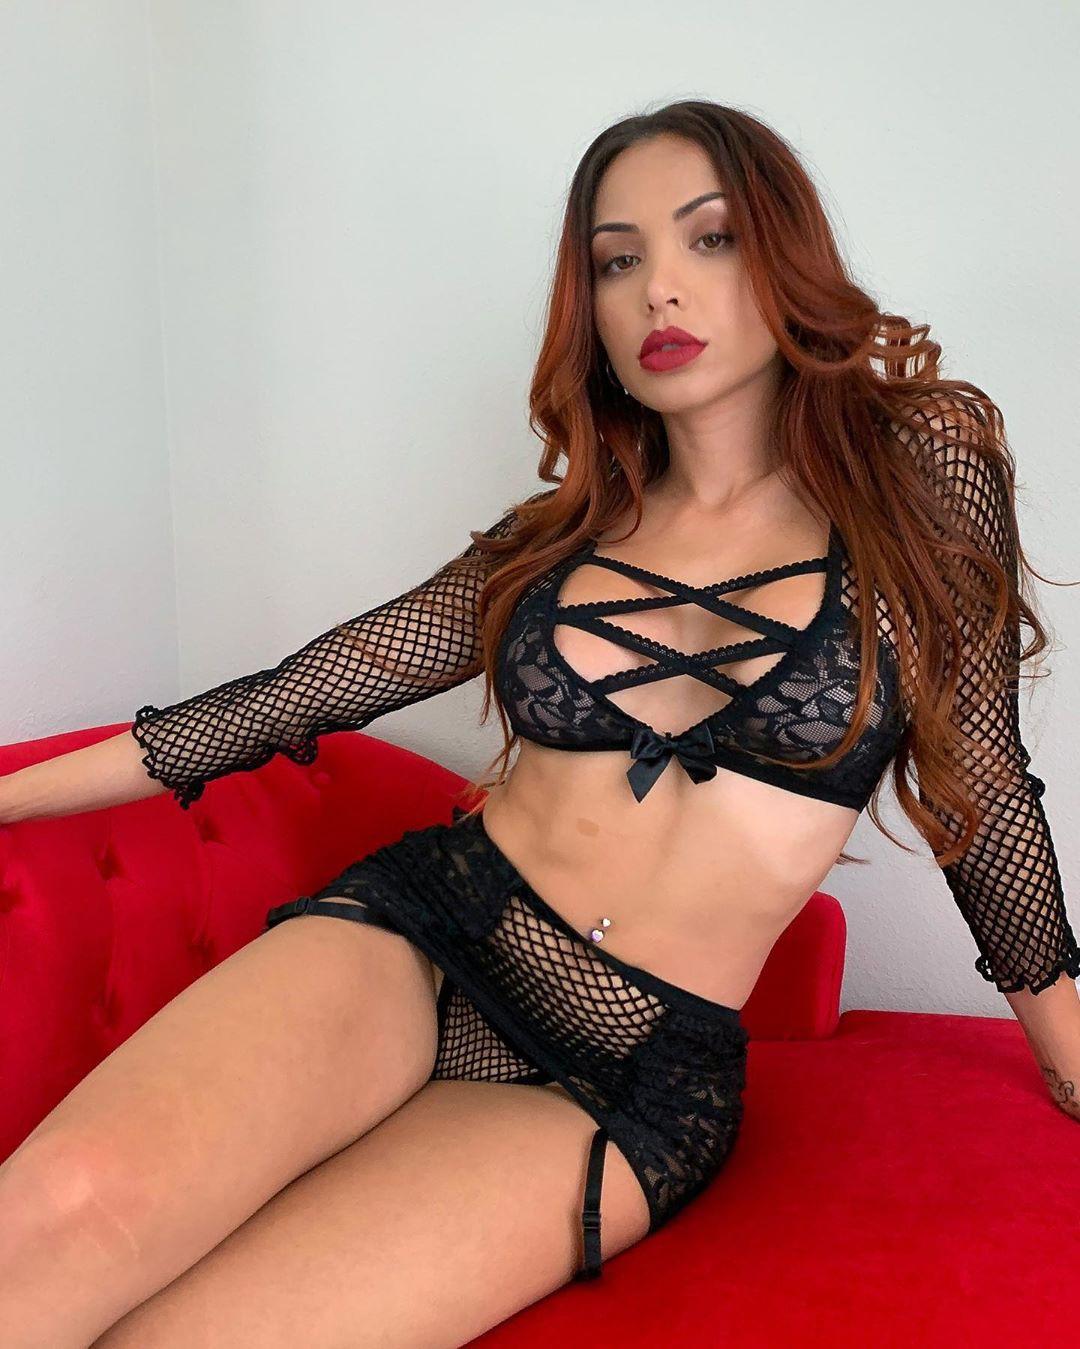 Maddy Belle lingerie fetish model, stocking colour dress